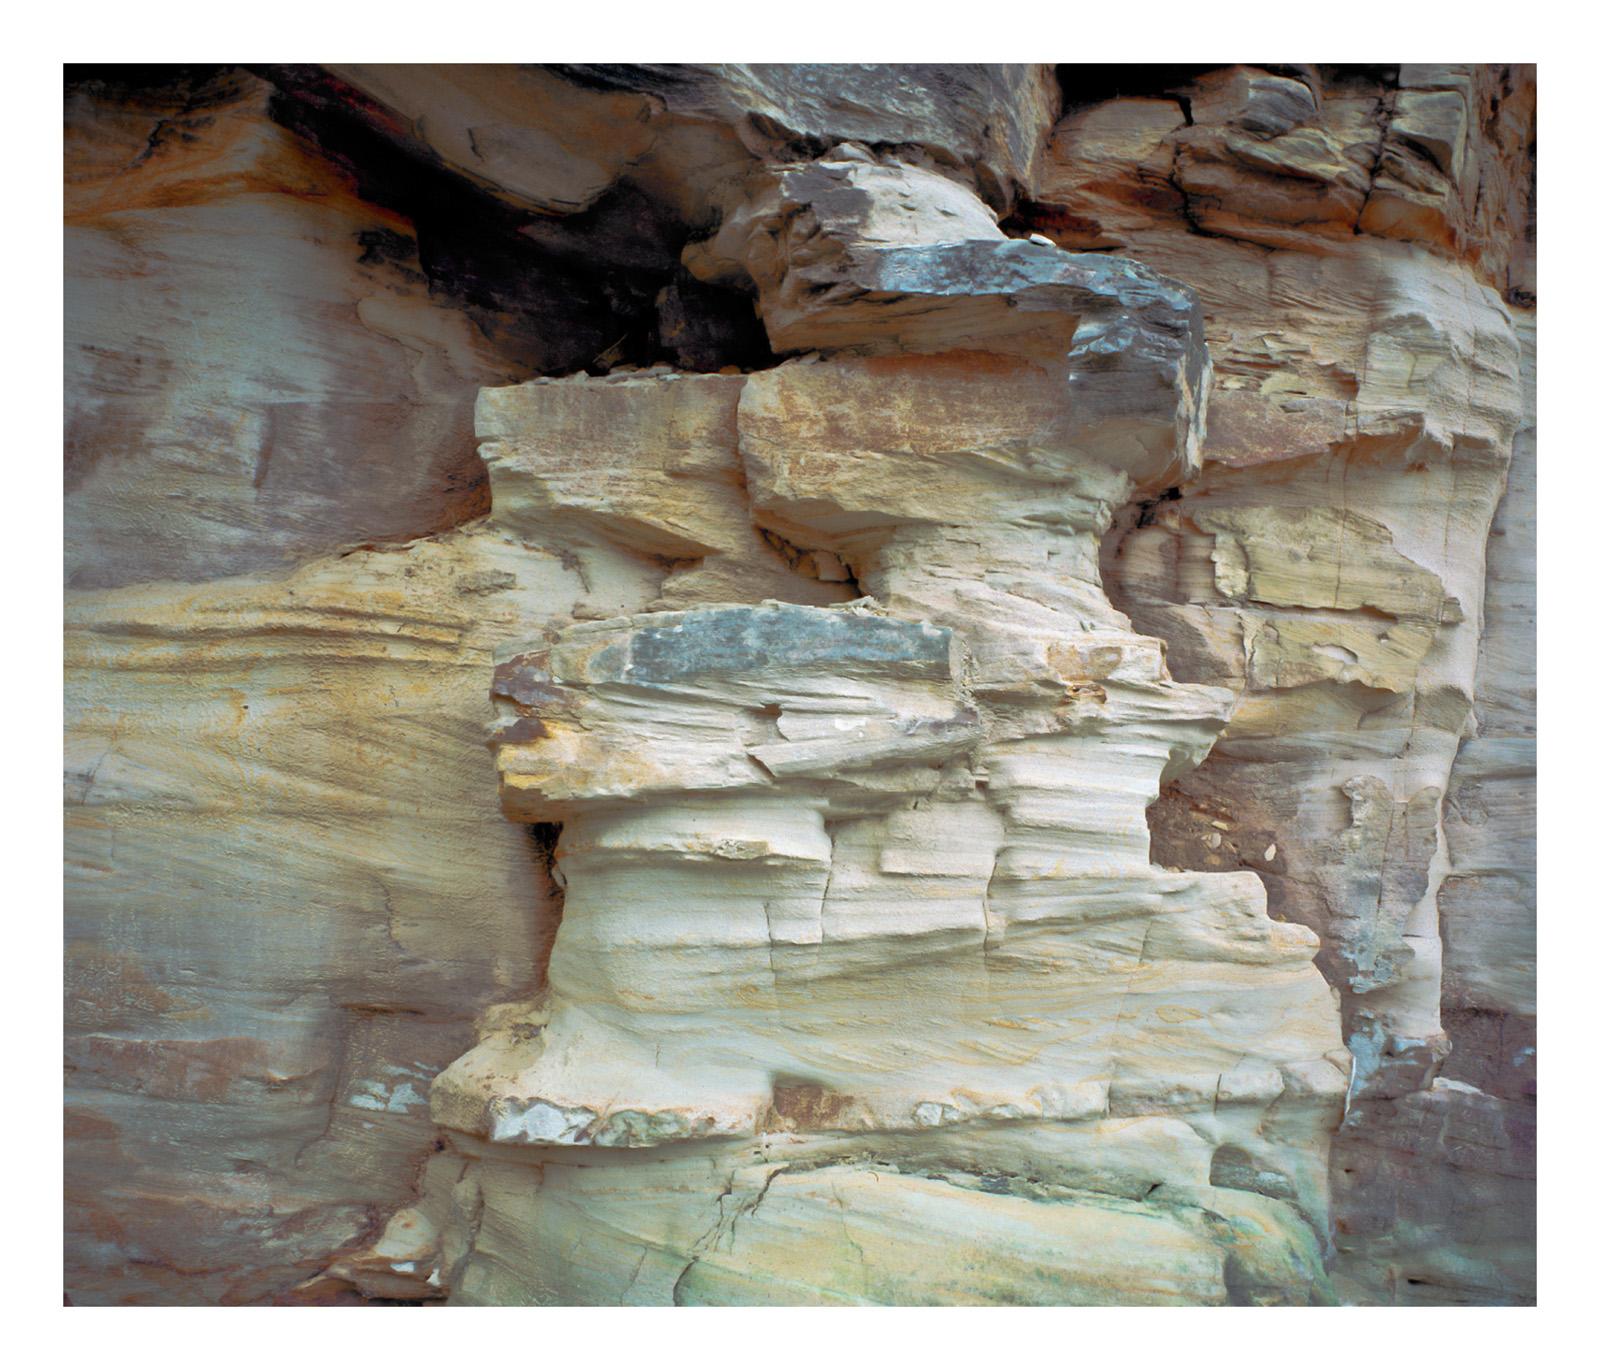 TasmaniaBrunysandstone.jpg